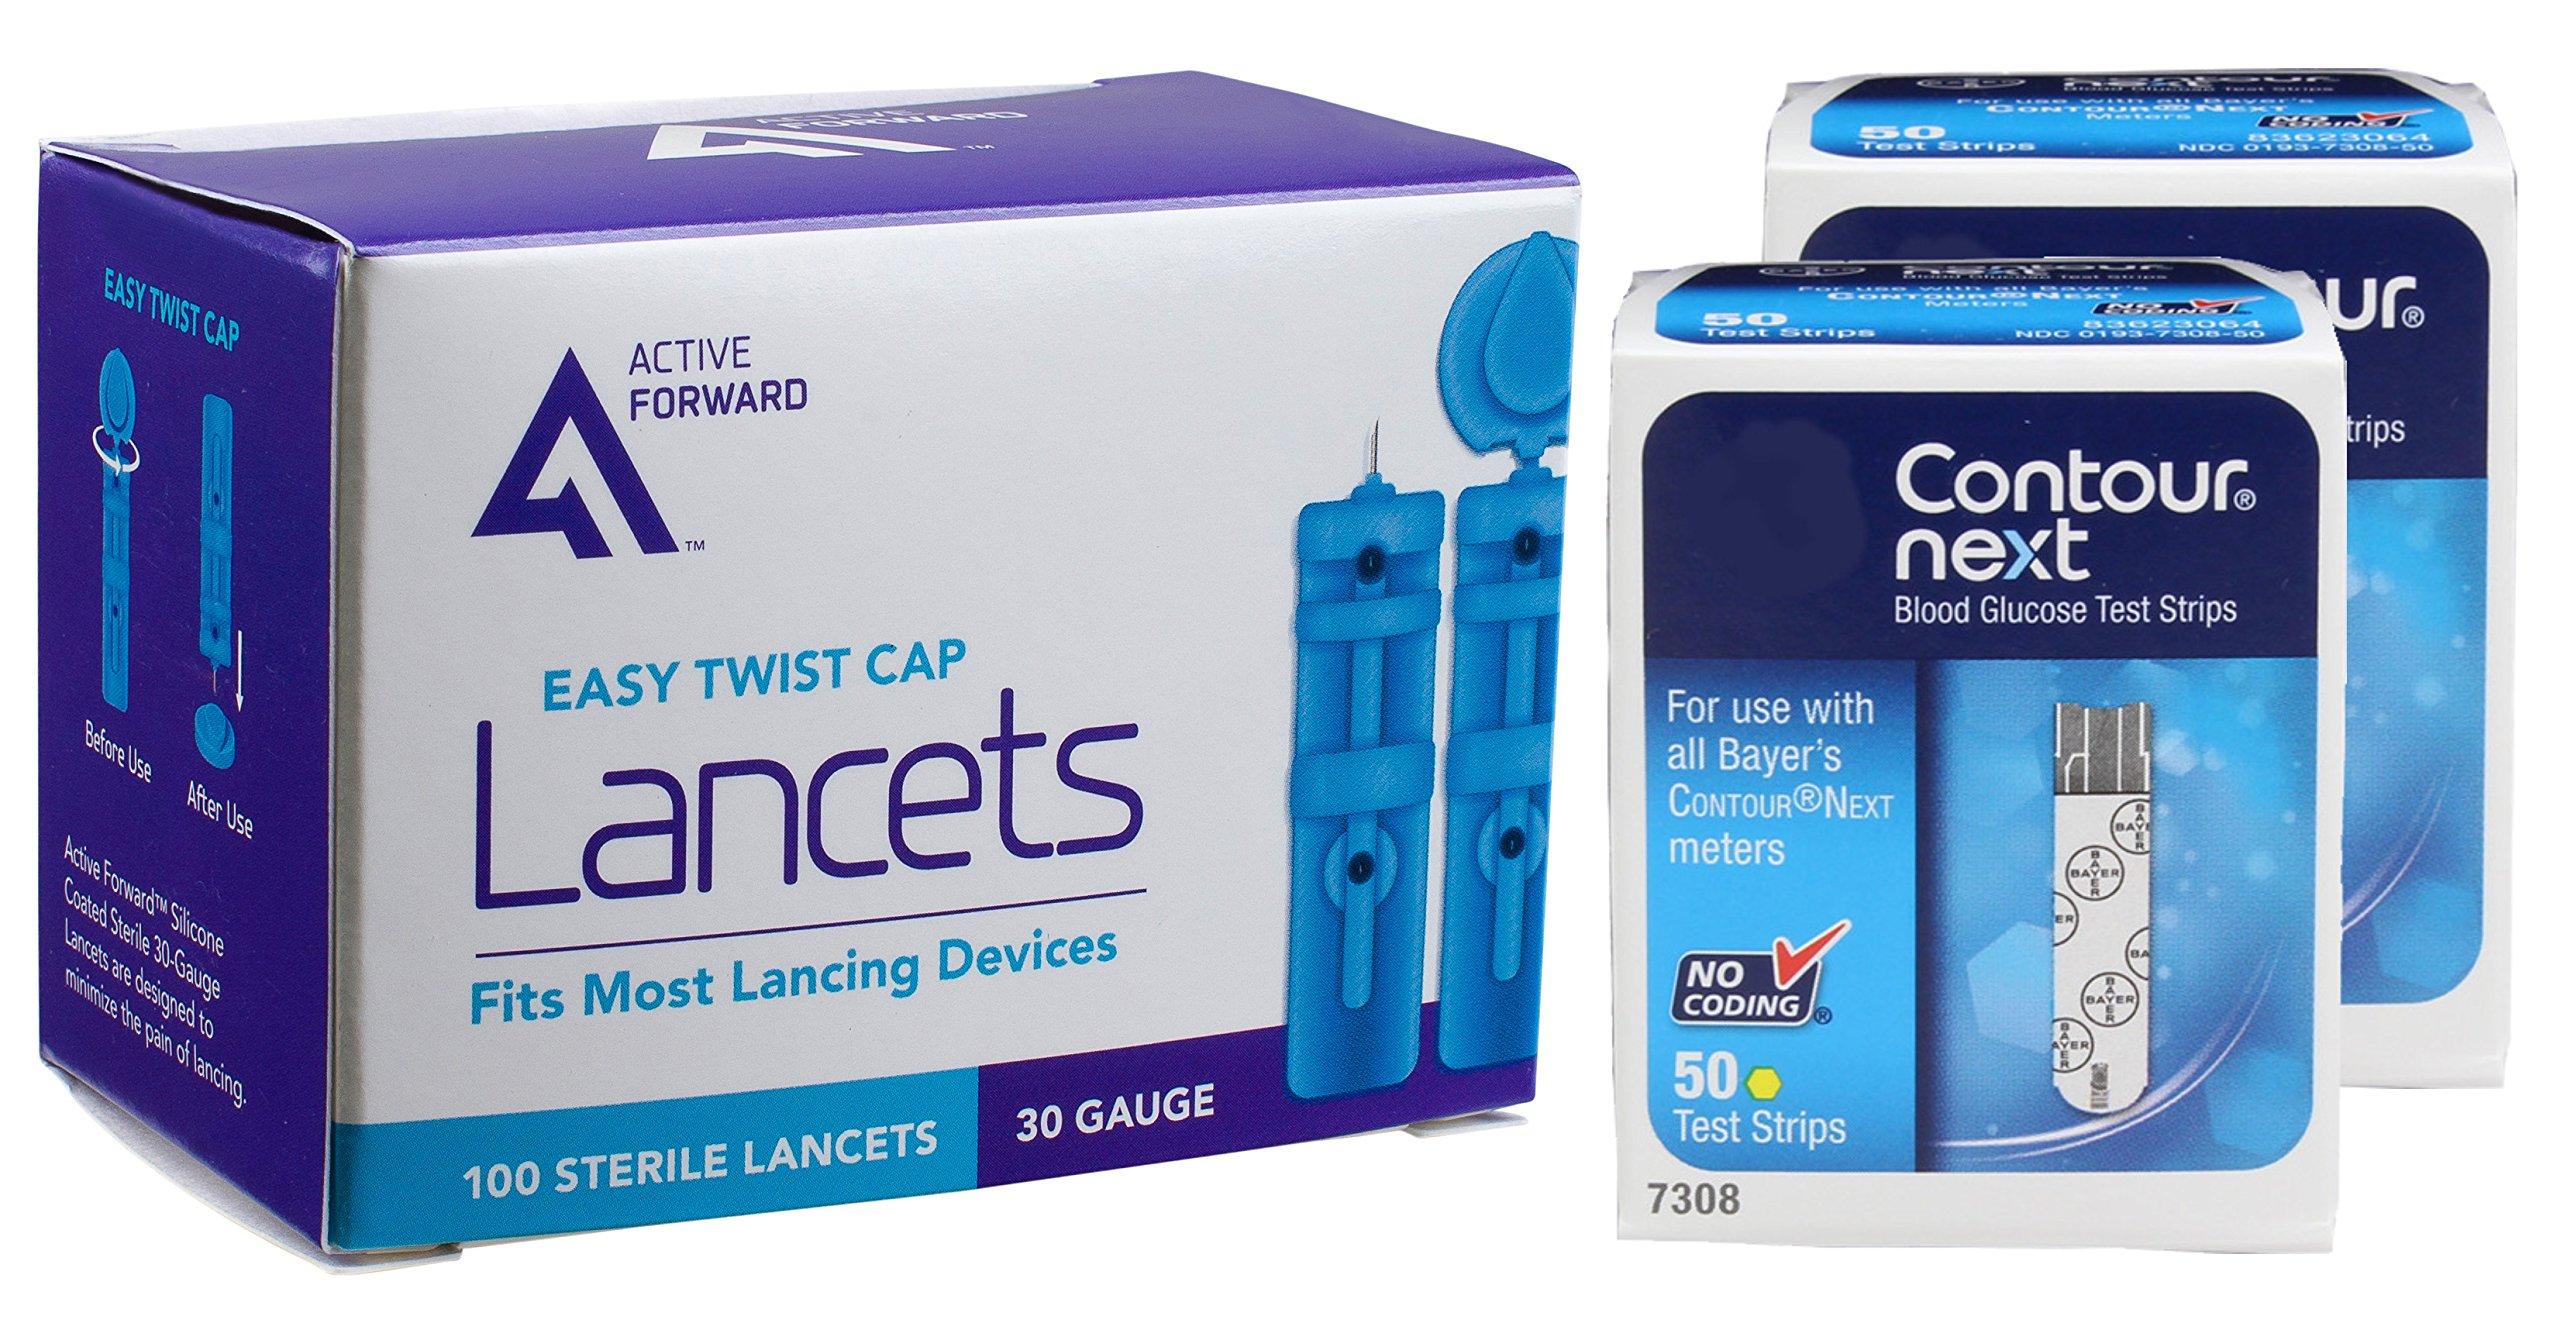 Contour Next Diabetes Test Strips & Lancets, 100 Count by Active Forward